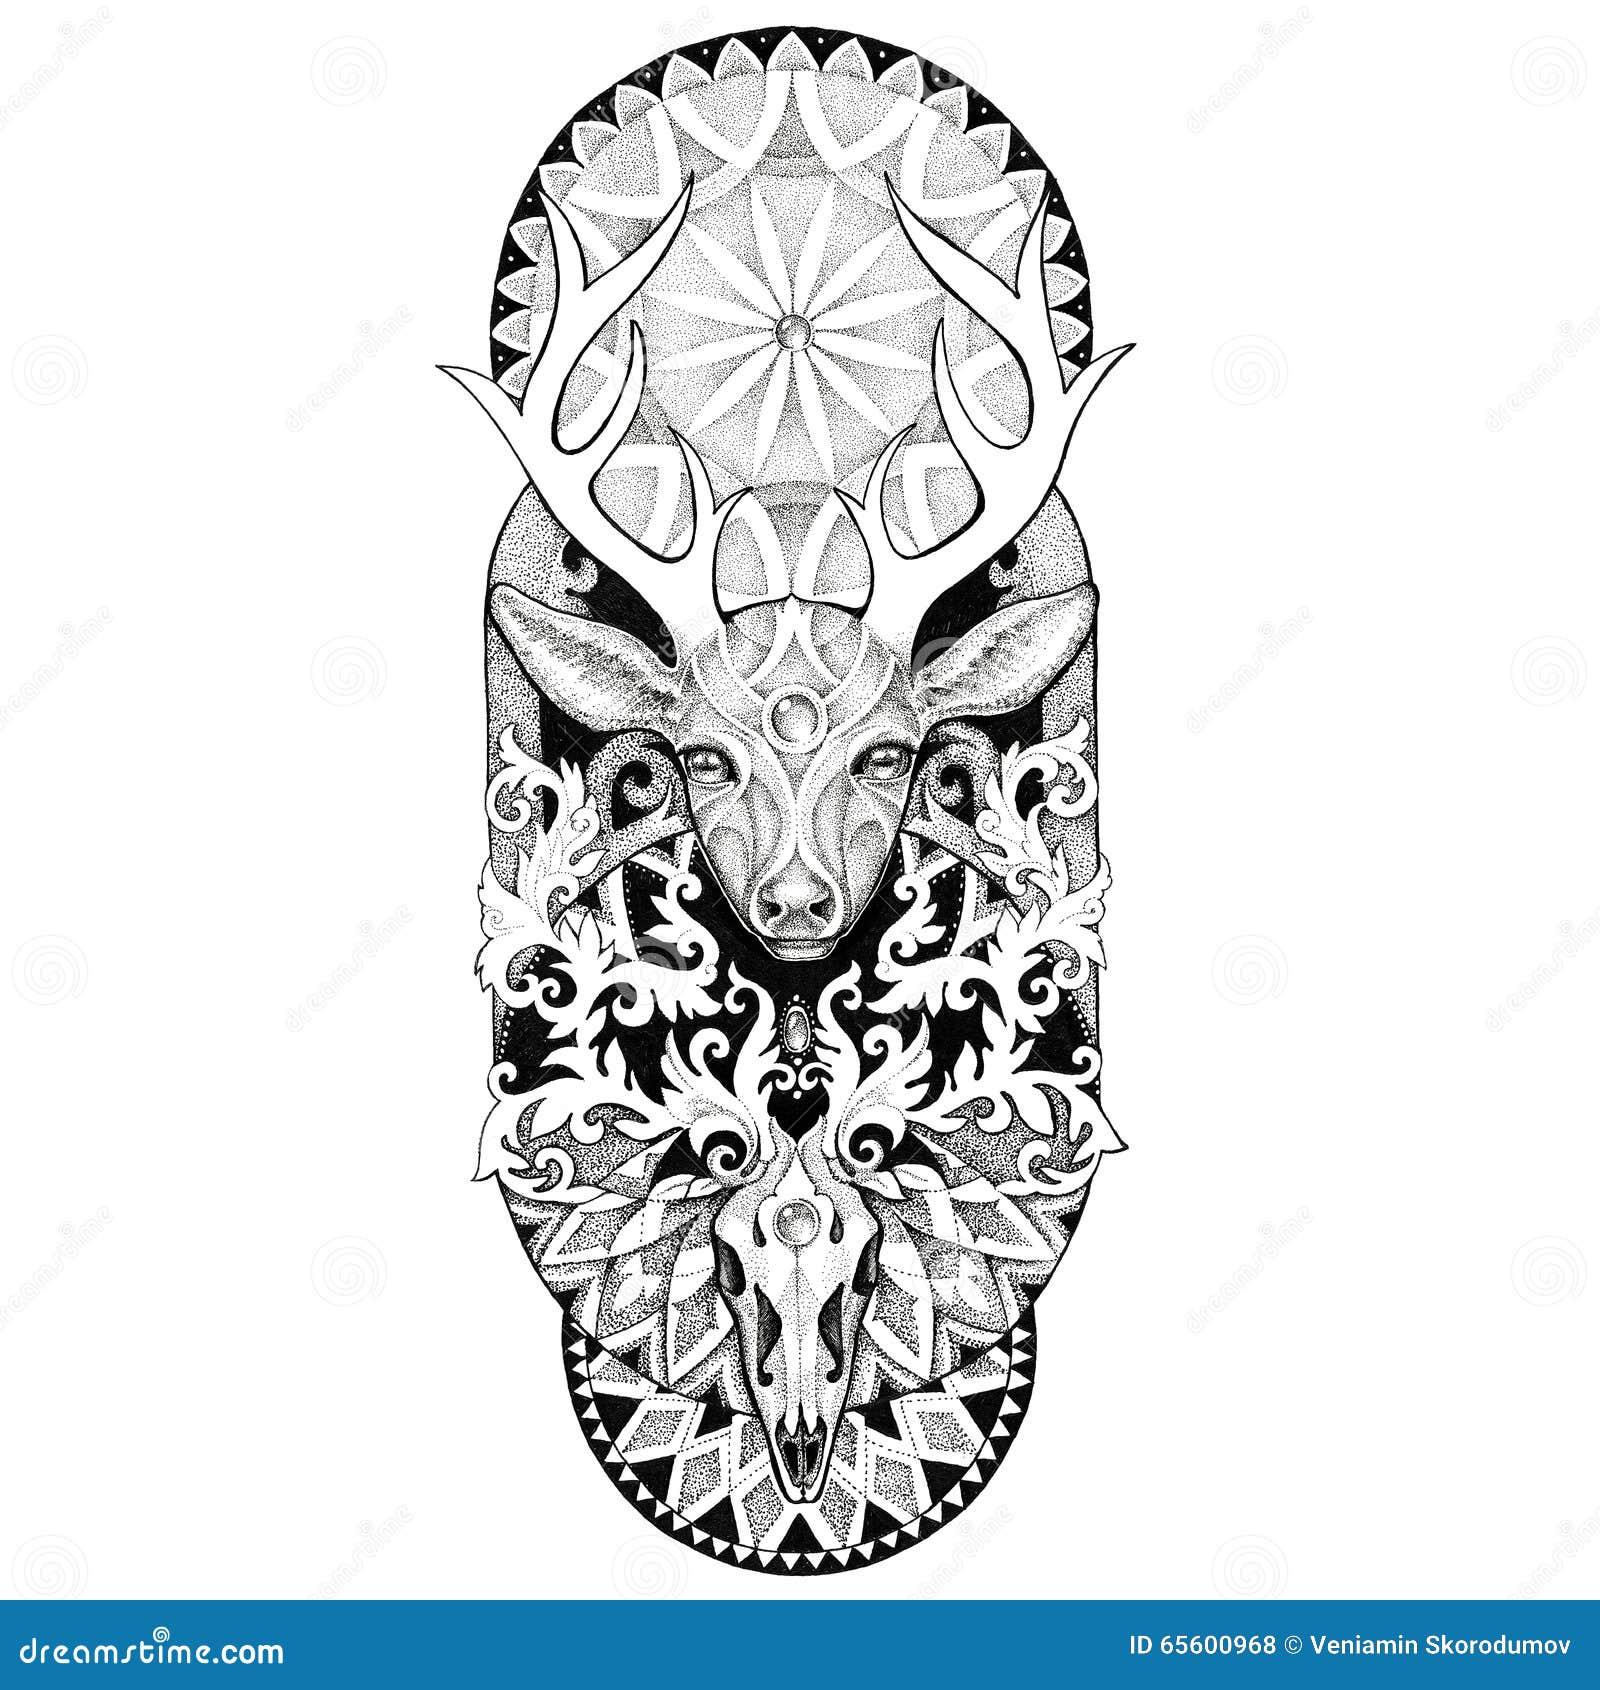 Tattoos Deer Head Mandala Illustration